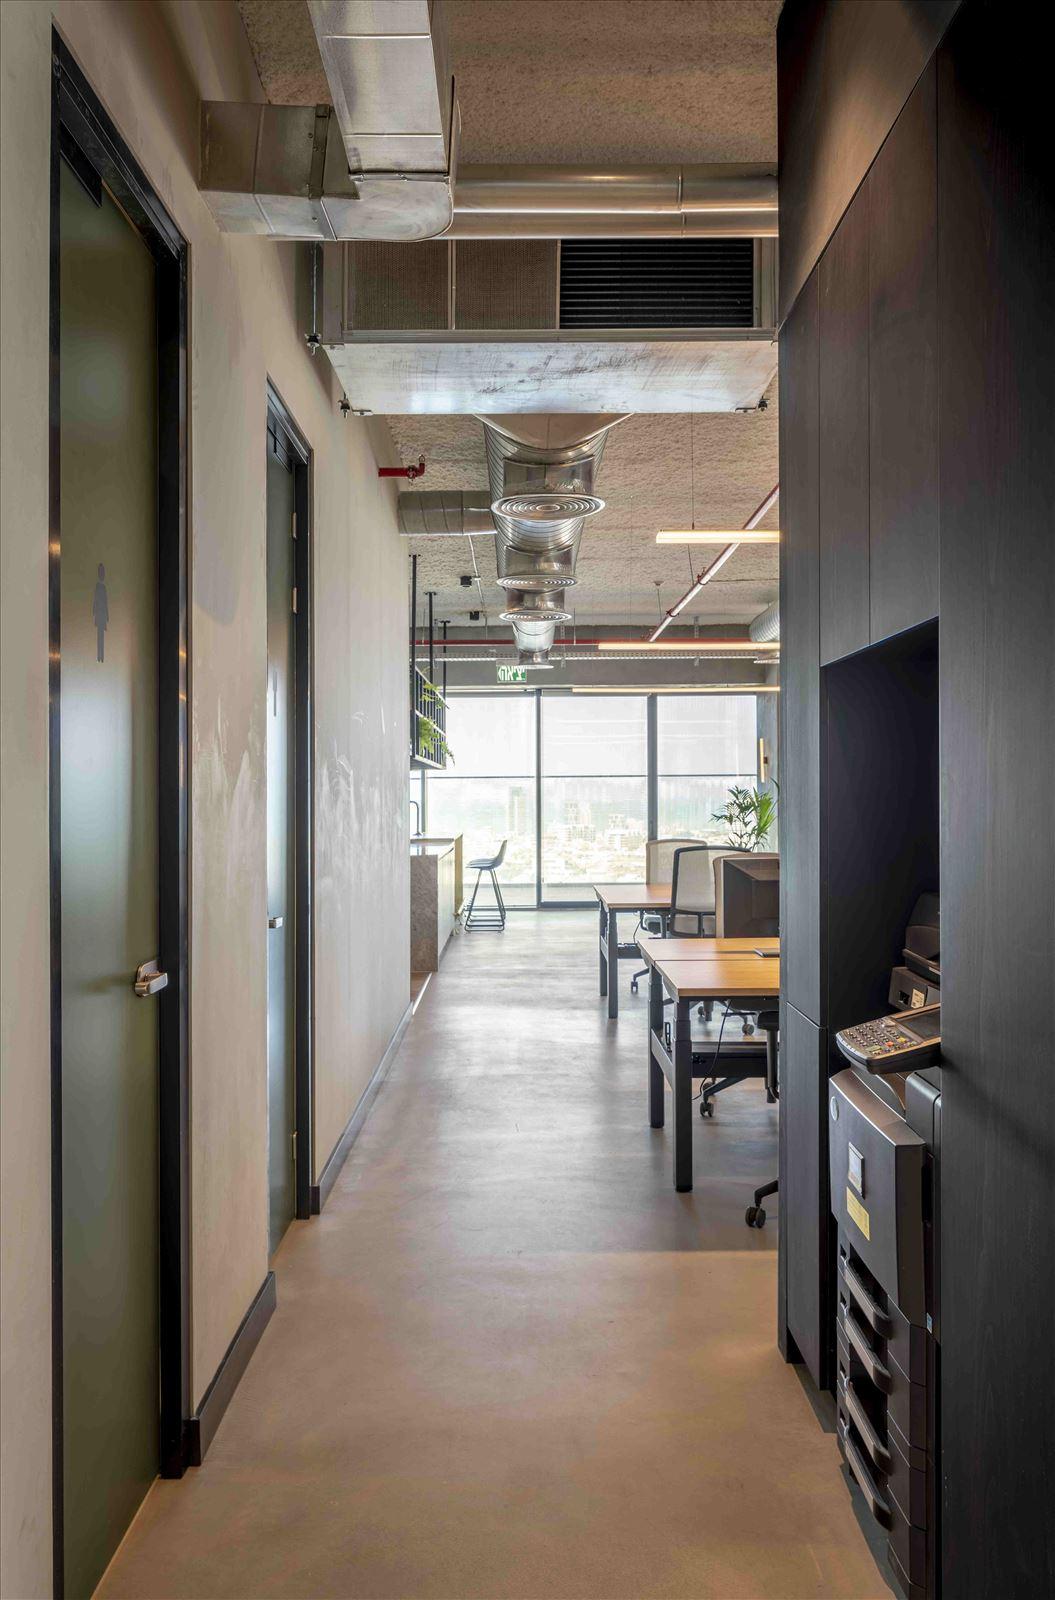 Office project תאורה בחלל המשרד מבית קמחי תאורה